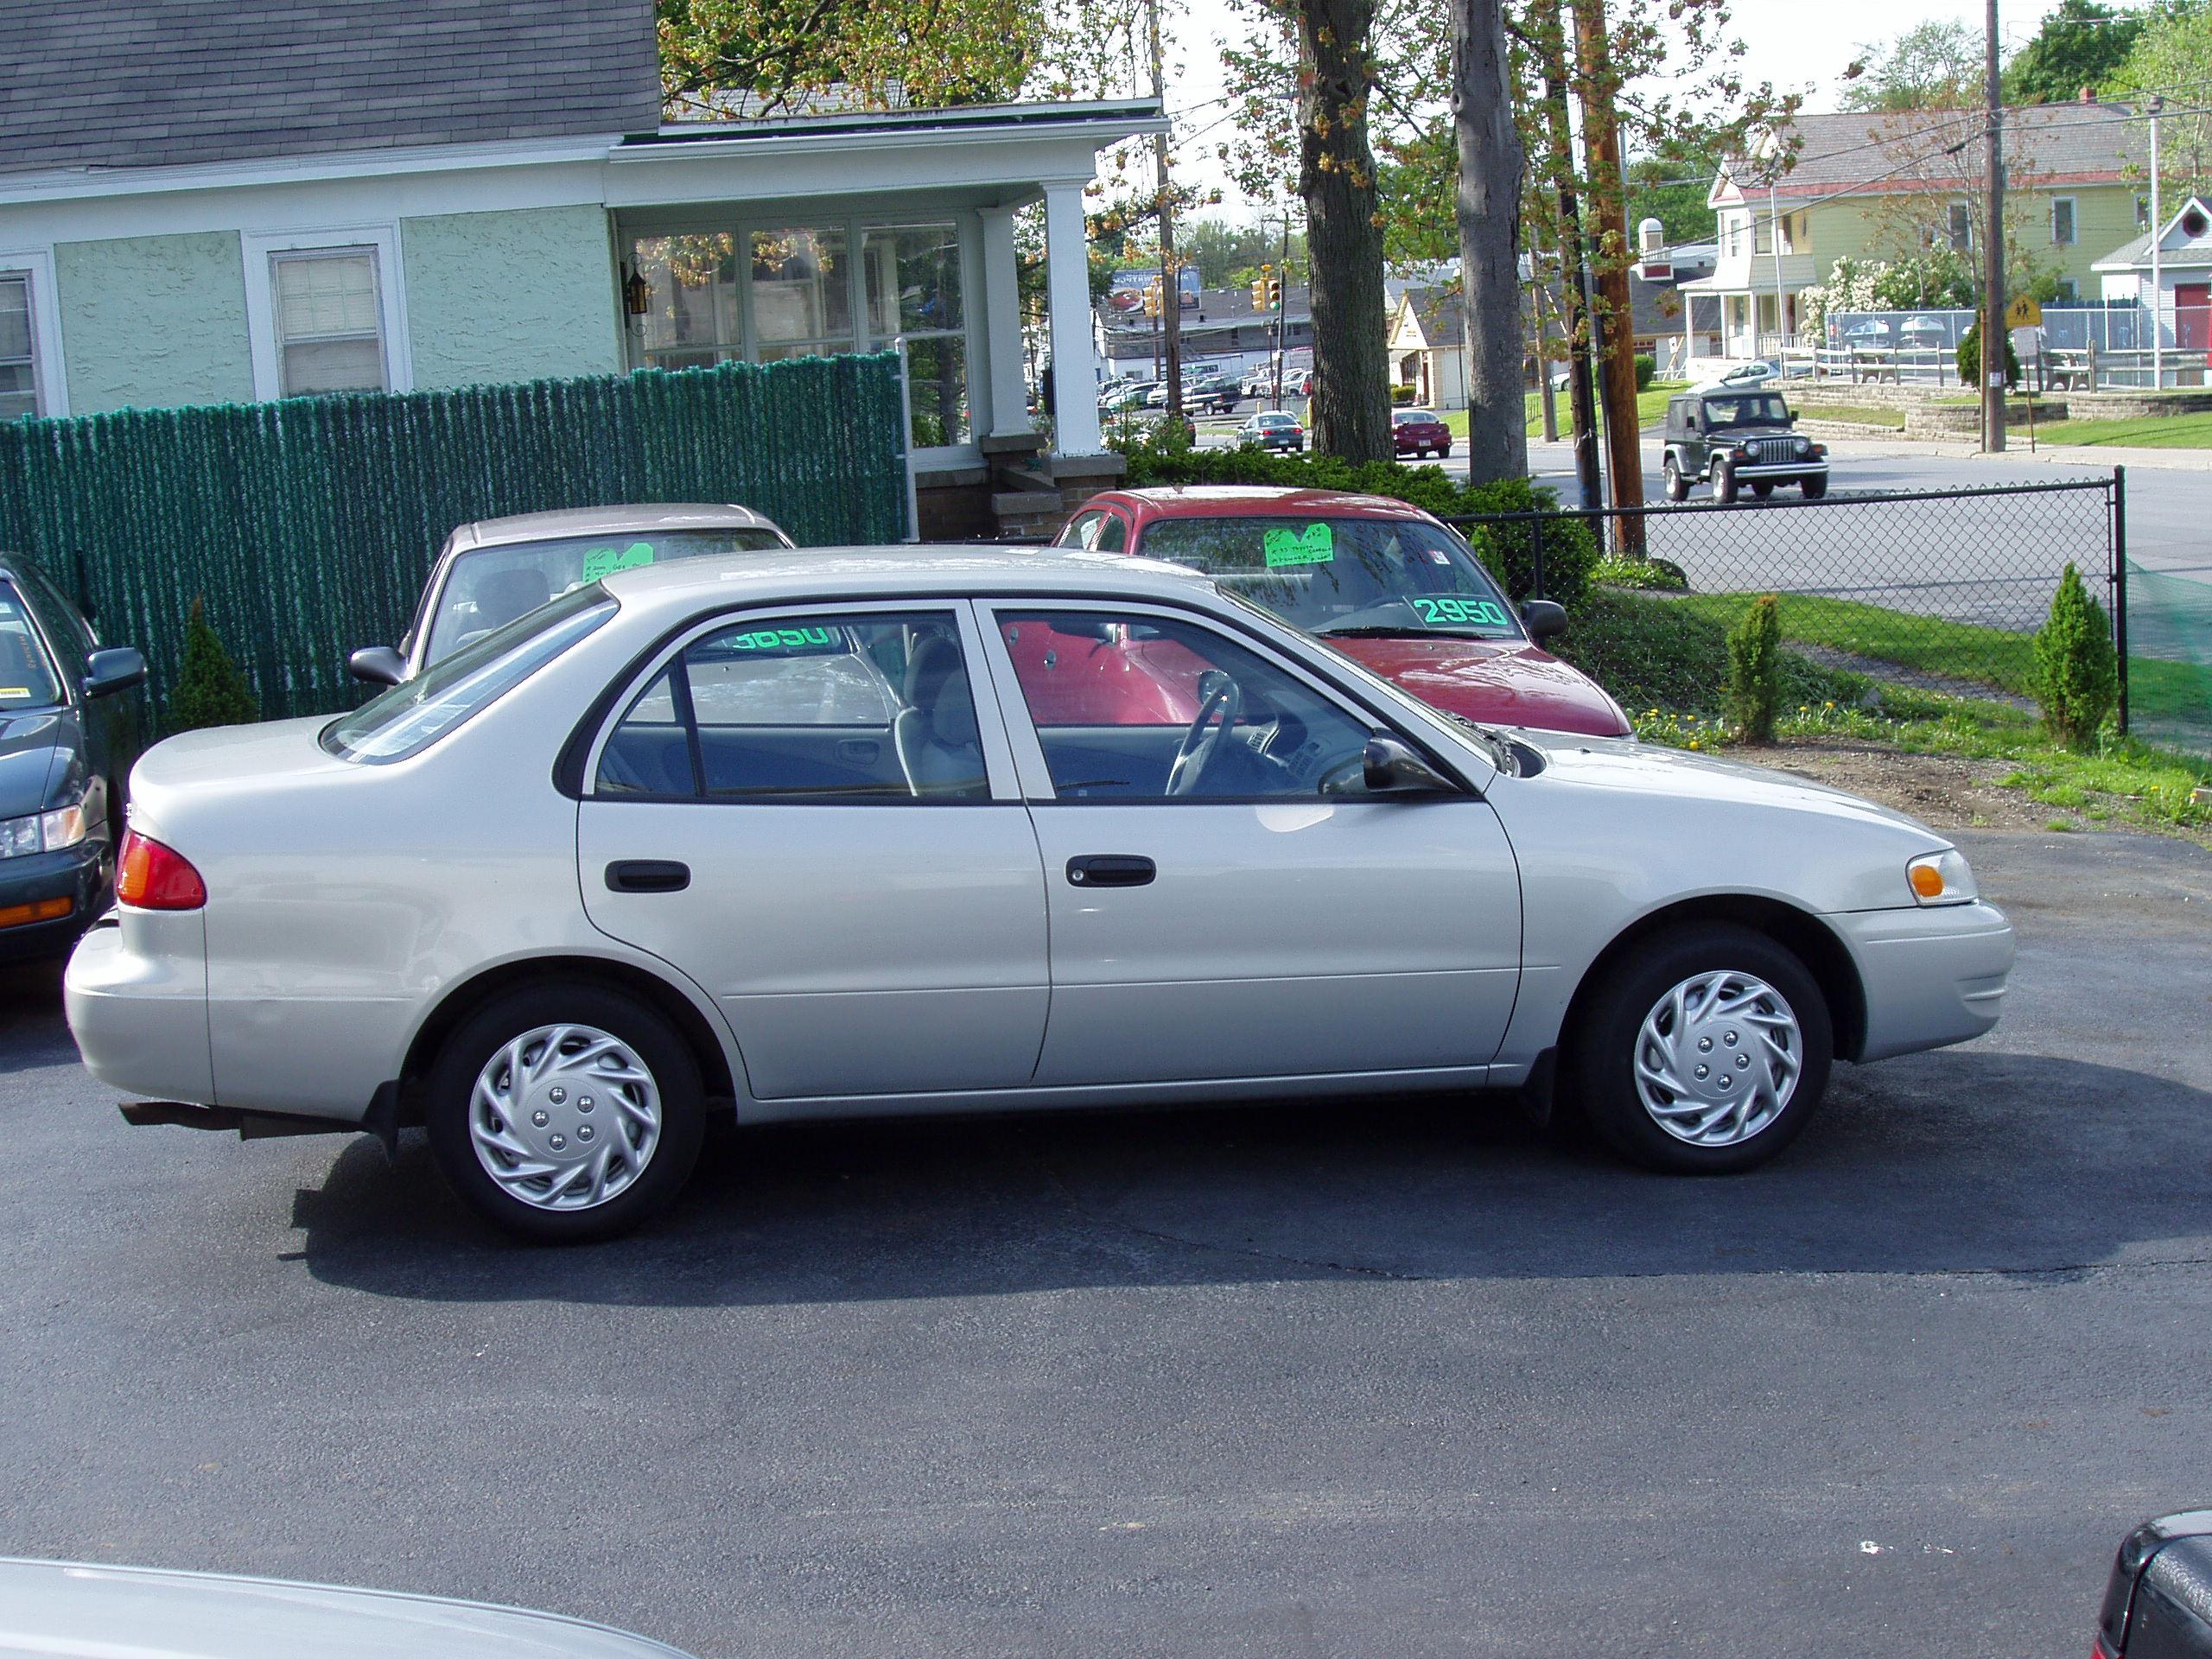 1999 Toyota Corolla Image 2